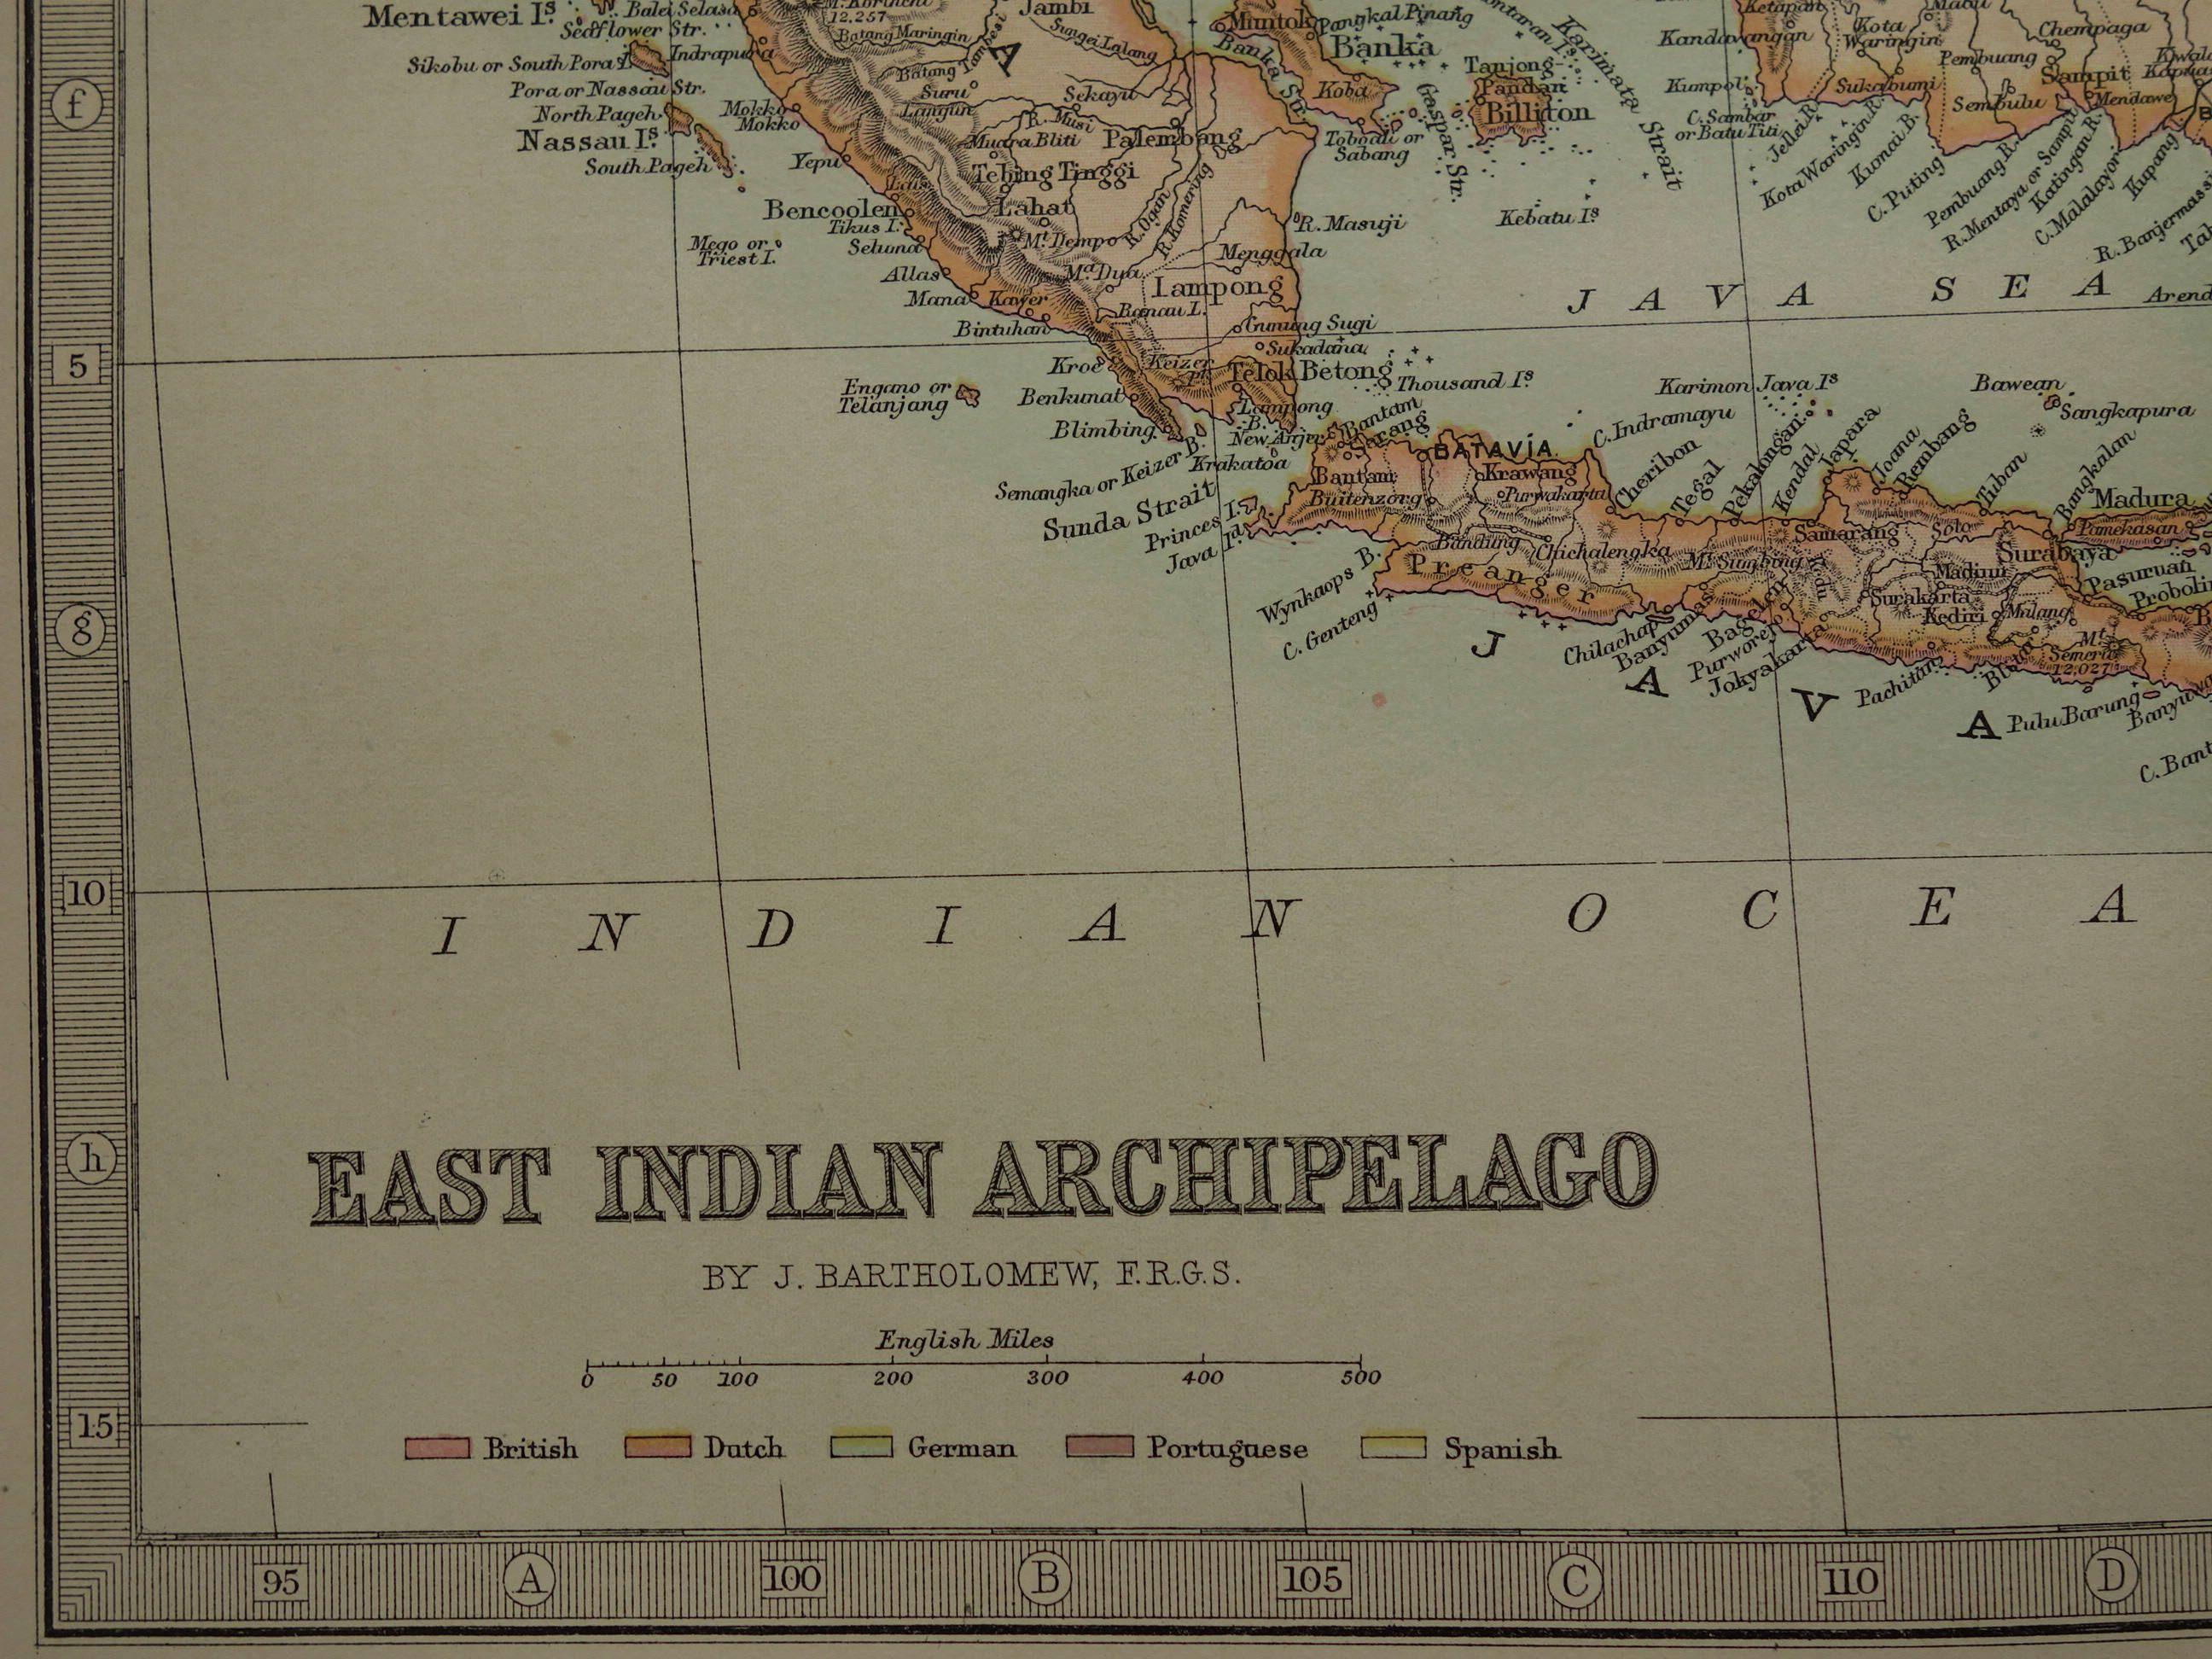 Indonesia map large 1890 original old antique print of east indies indonesia map large 1890 original old antique print of east indies singapore philippines timor vintage old publicscrutiny Images